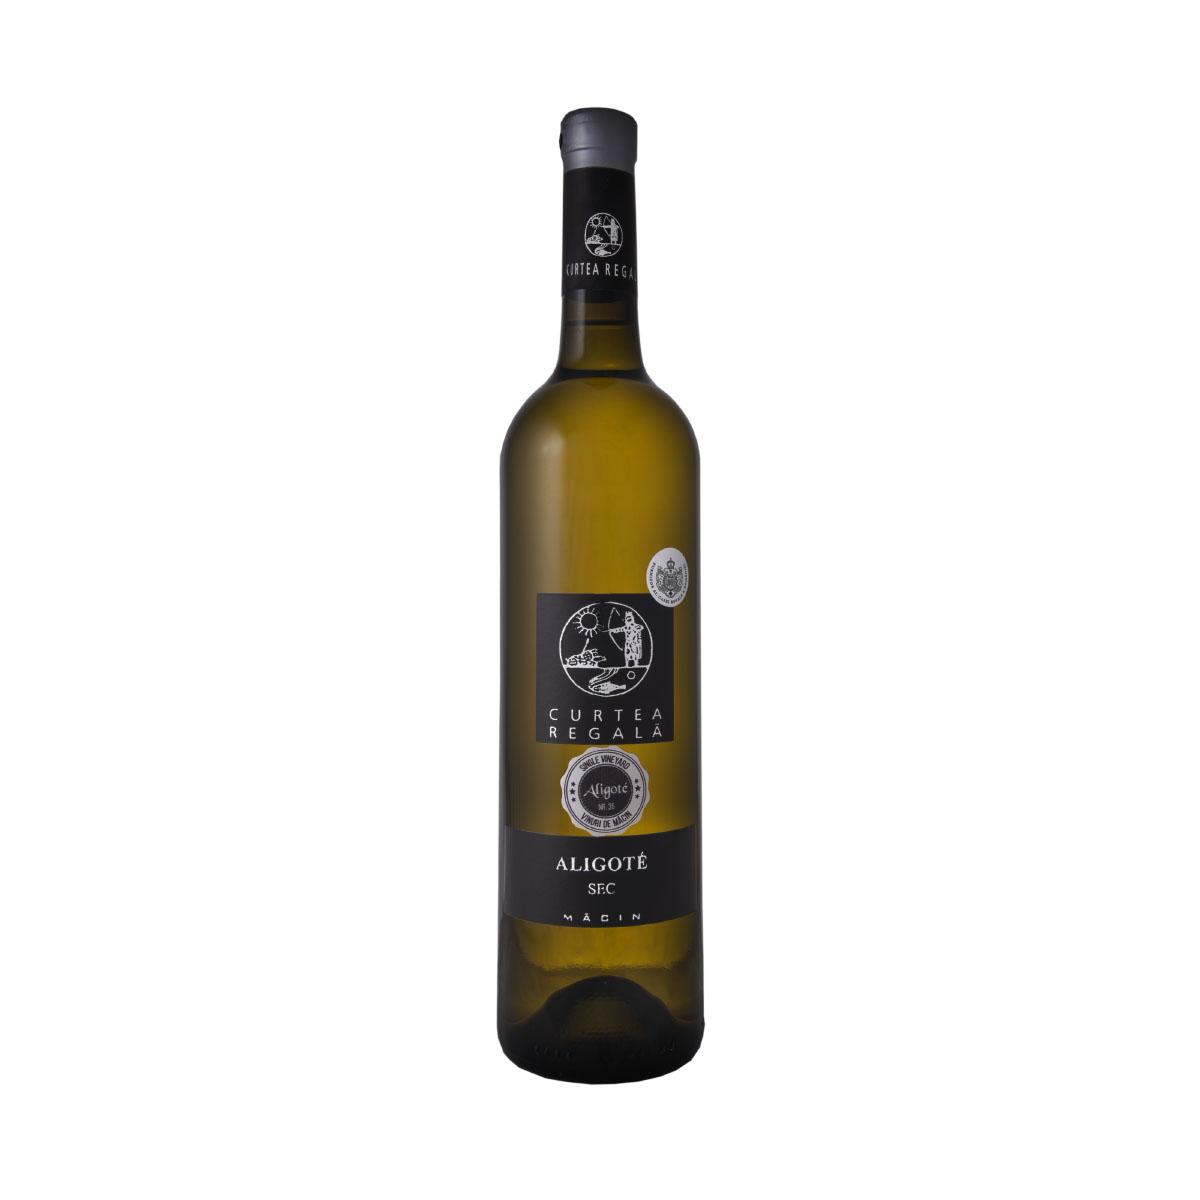 Aligoté Single Vineyard